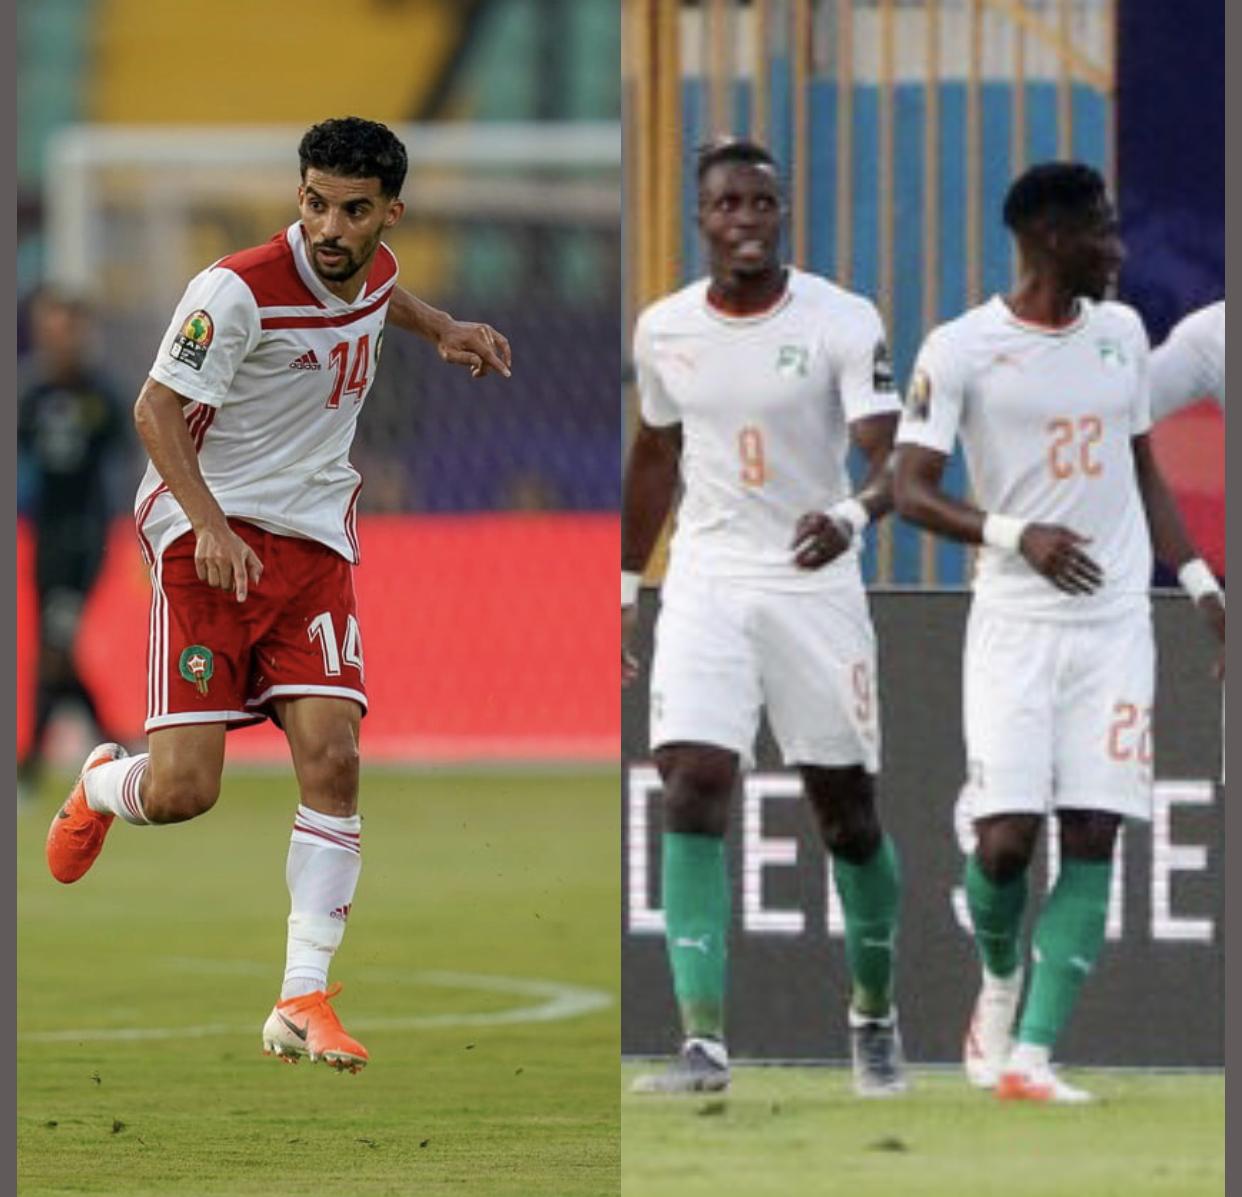 CAN 2019 : Boussoufa offre la victoire au Maroc (1-0) contre L'Afrique du sud, la Côte d'Ivoire écrase la Namibie (4-1)